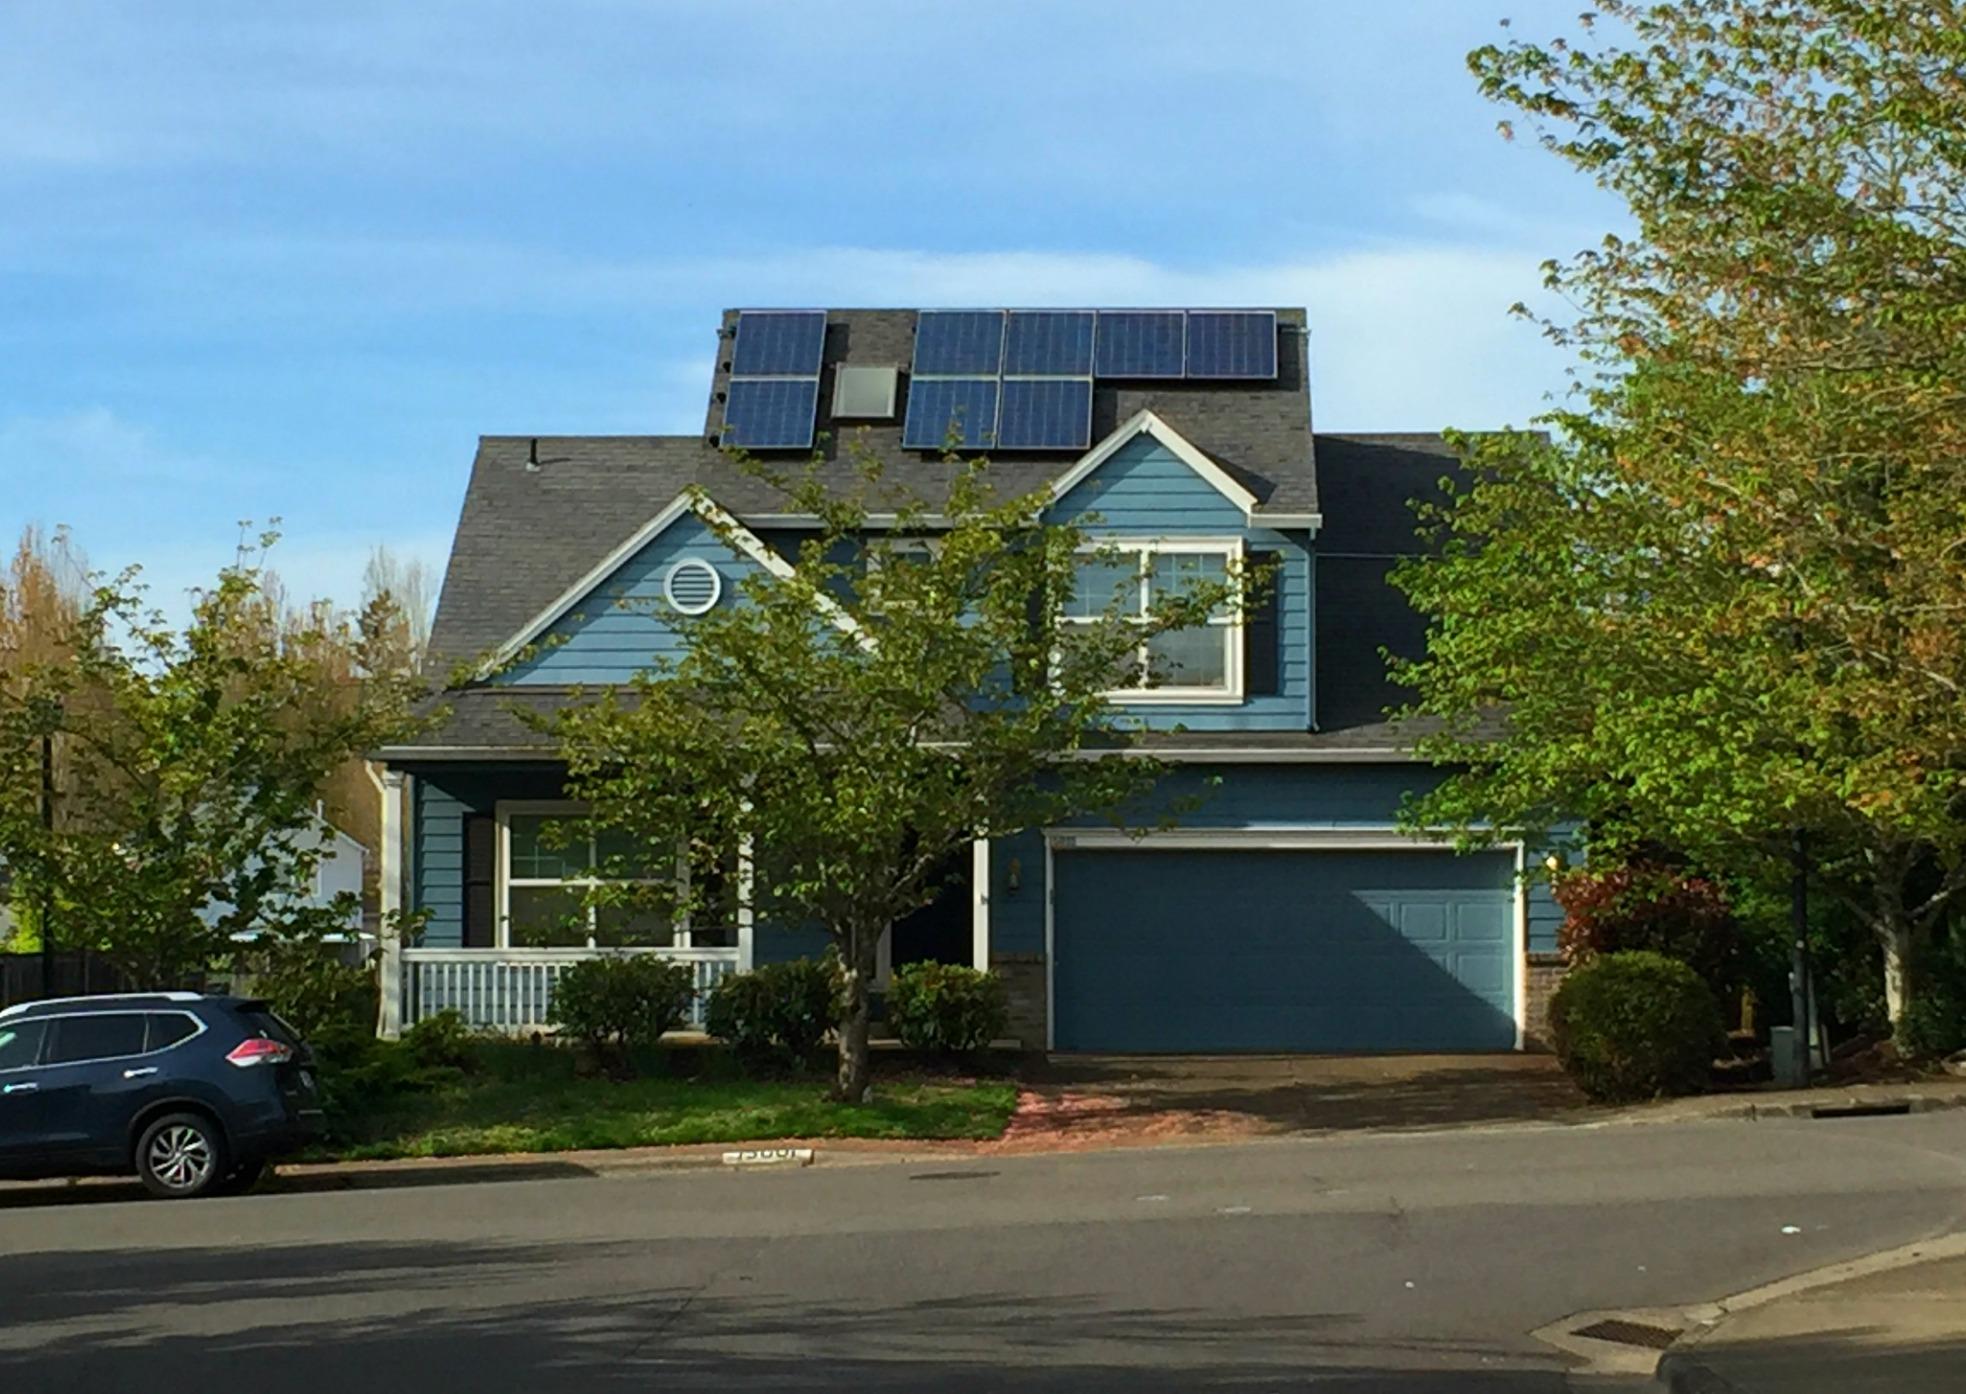 hillsboro-home-solar-panels-3.jpg